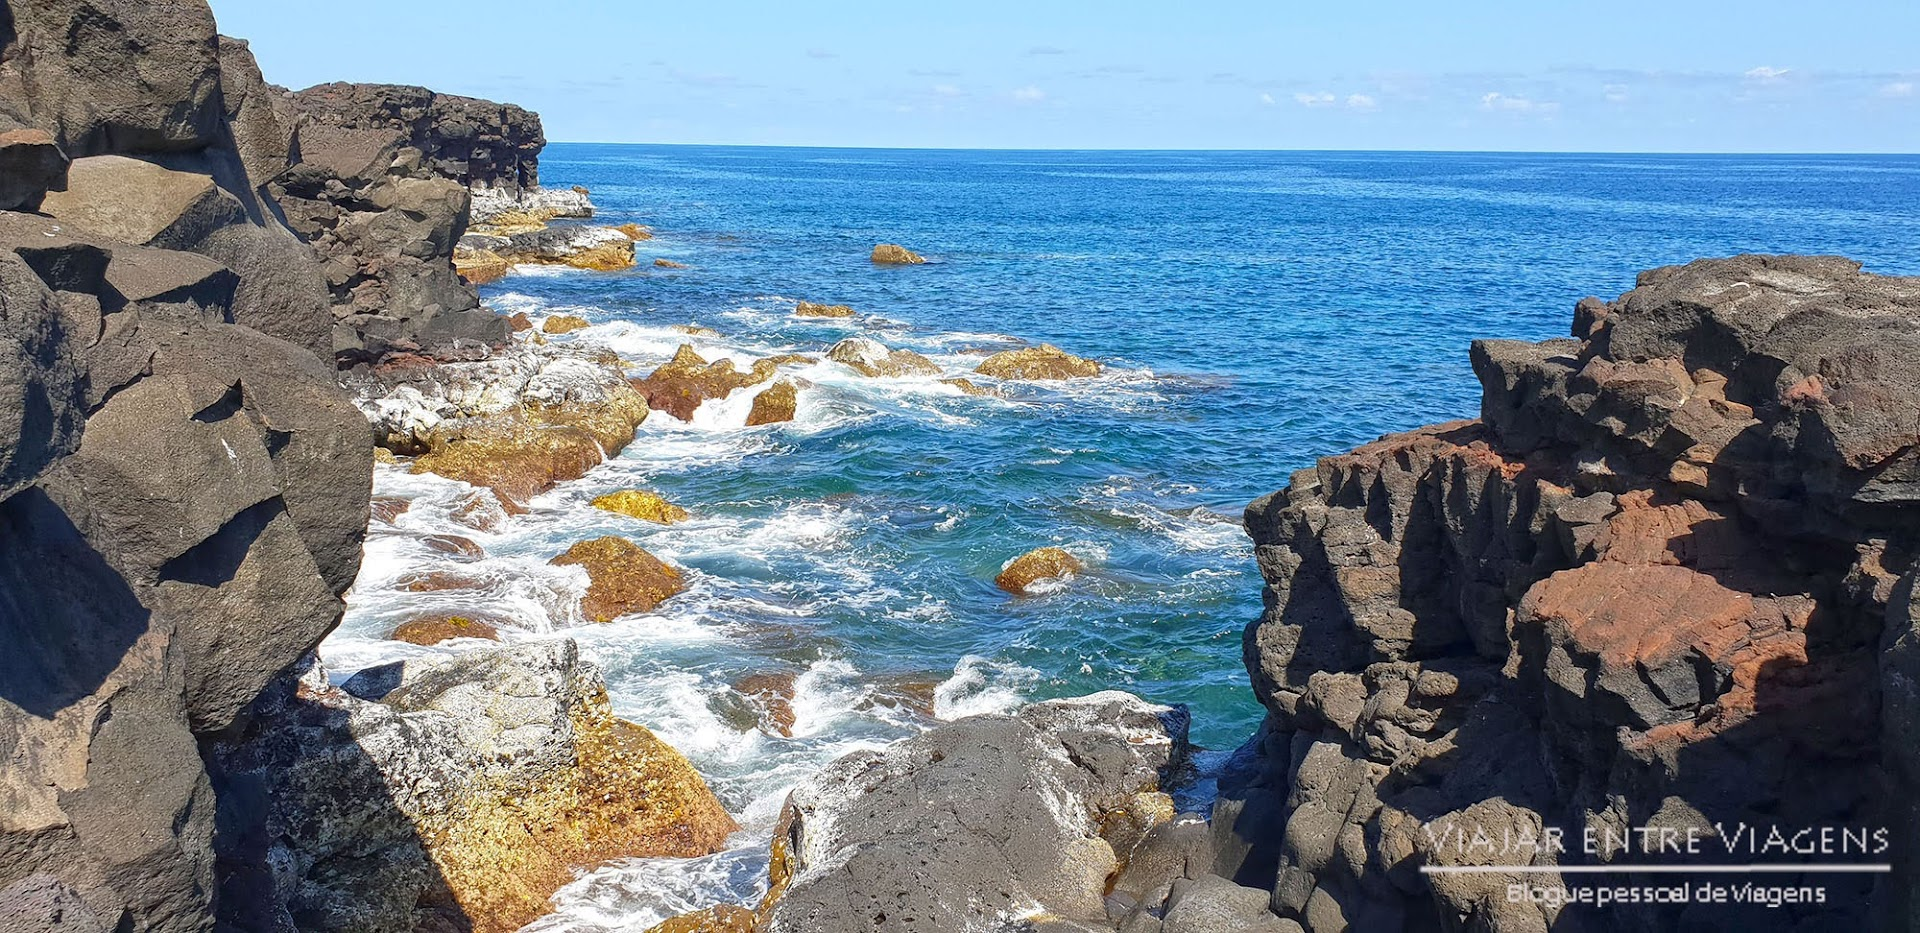 Visitar a ILHA DO PICO, a ilha vulcão do arquipélago dos Açores